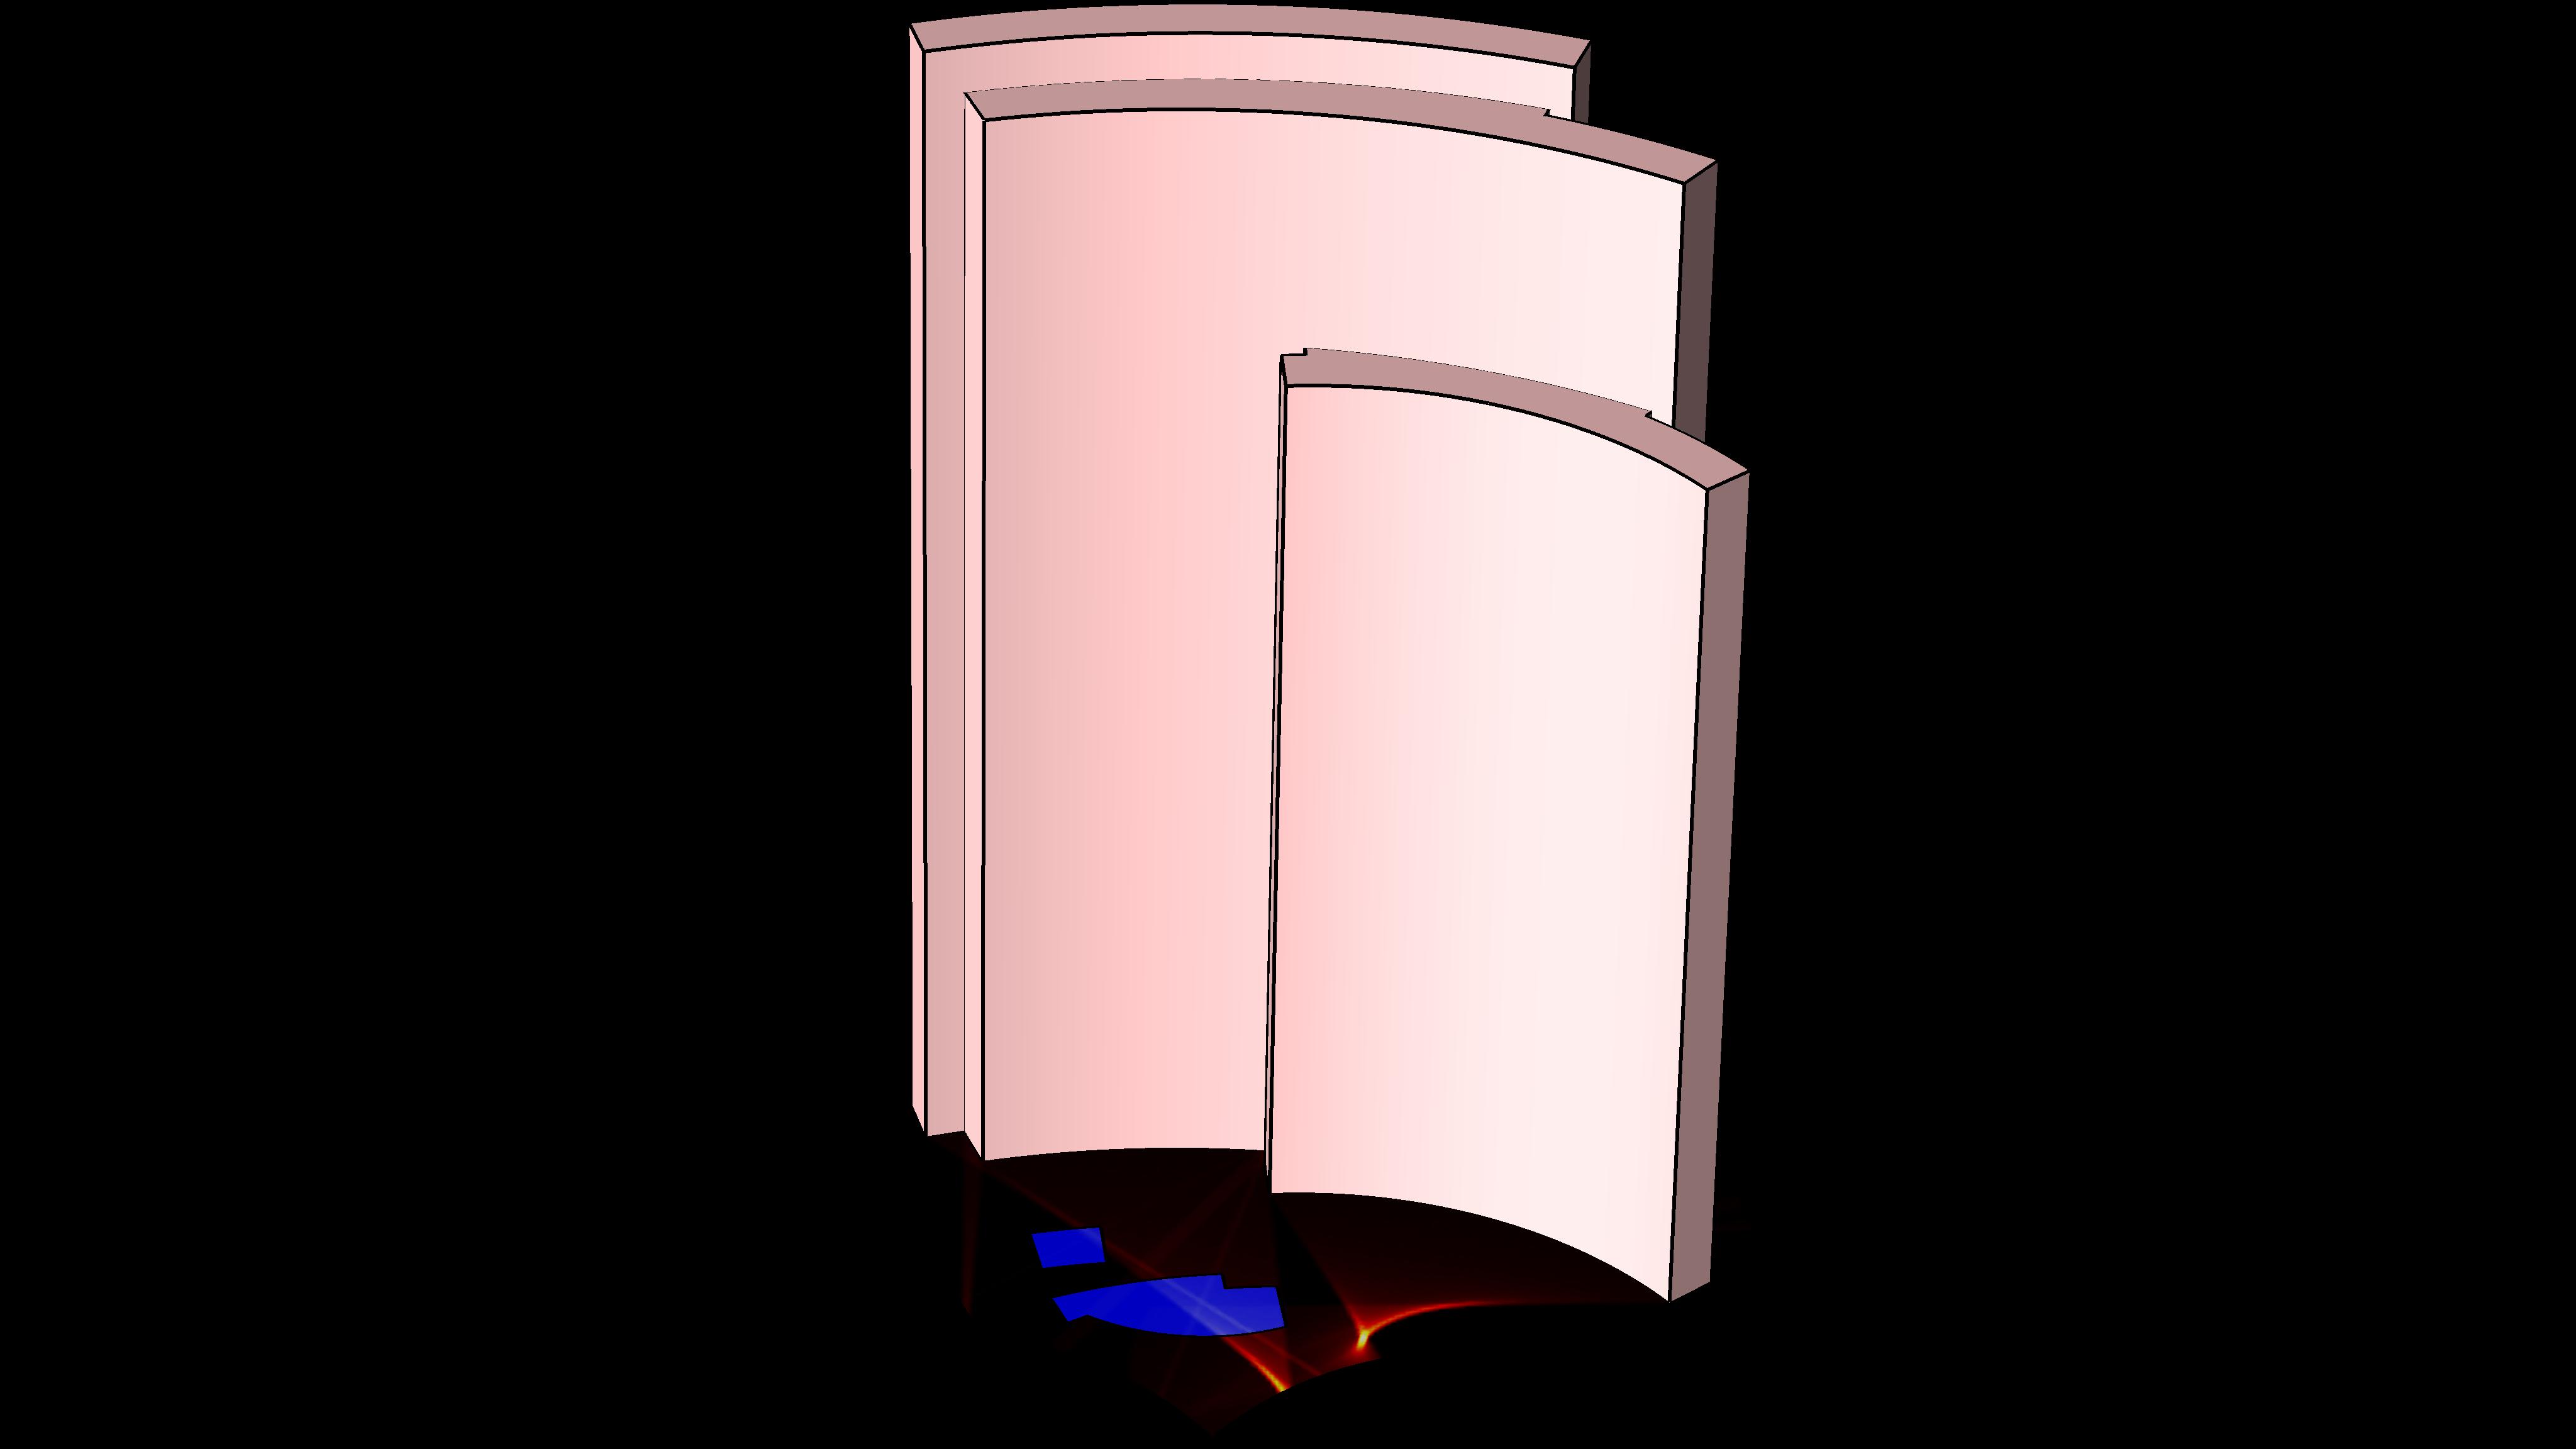 仿真結果顯示通過射線追踪執行的焦散面分析。